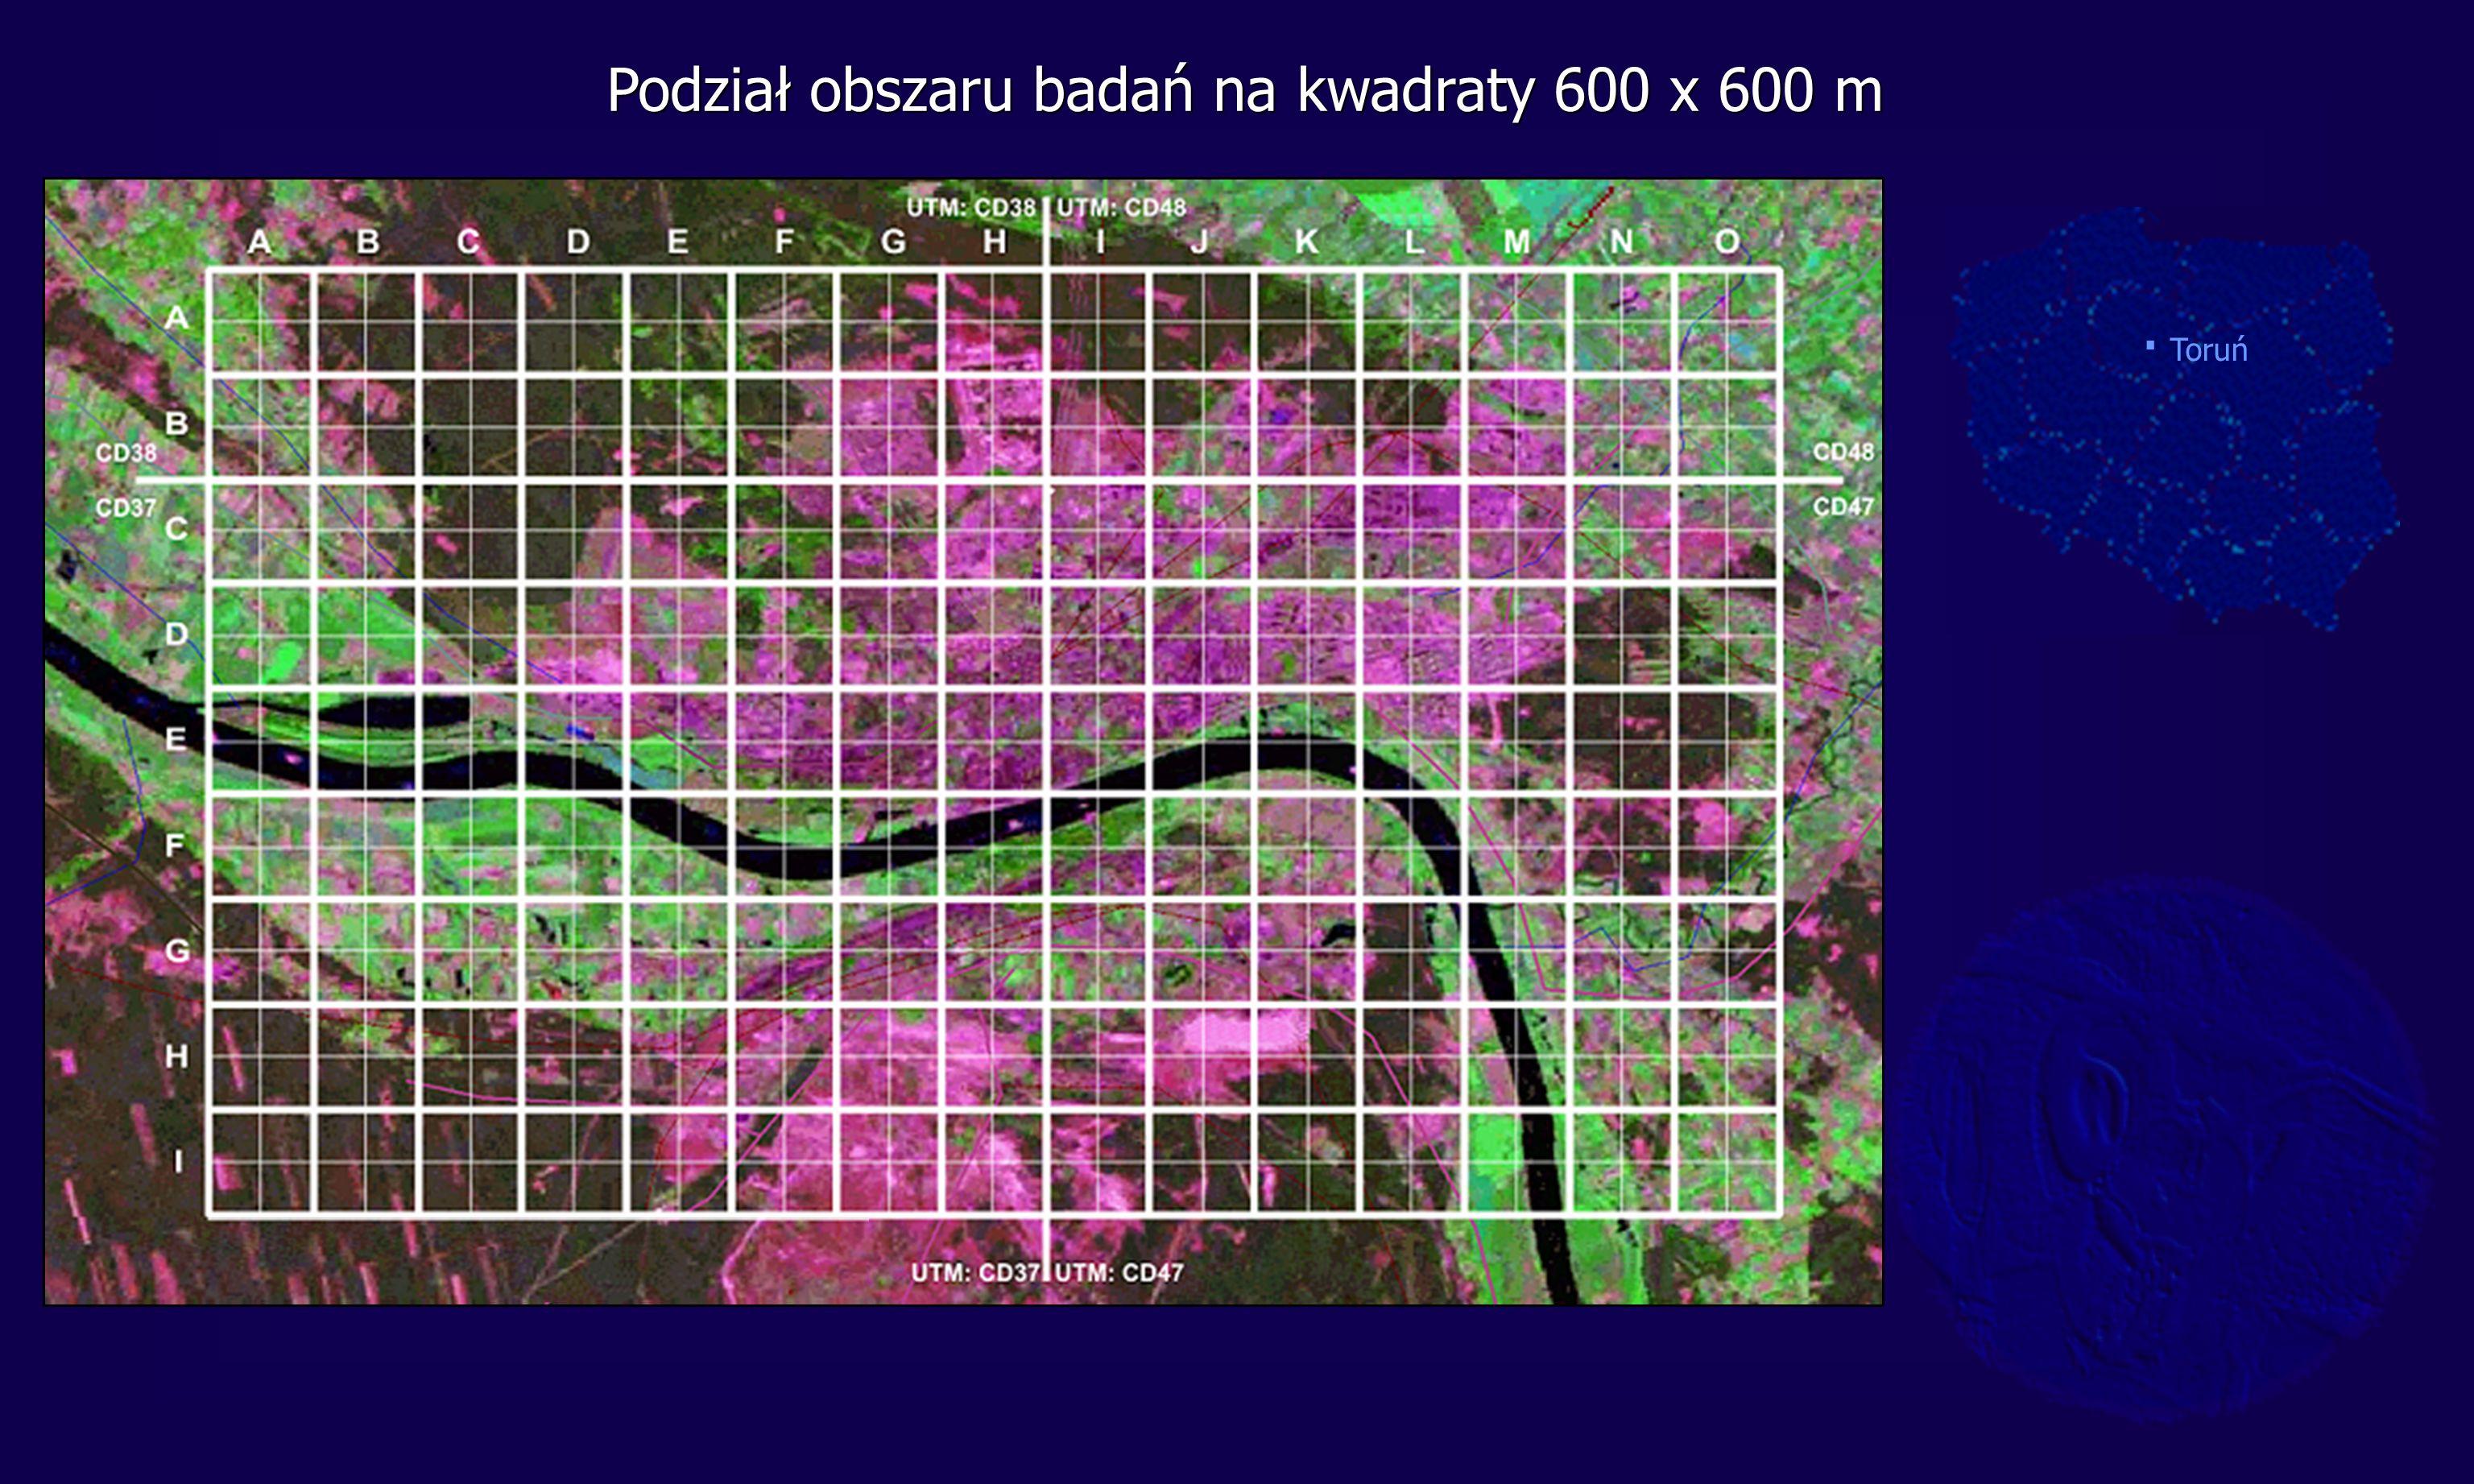 Podział obszaru badań na kwadraty 600 x 600 m